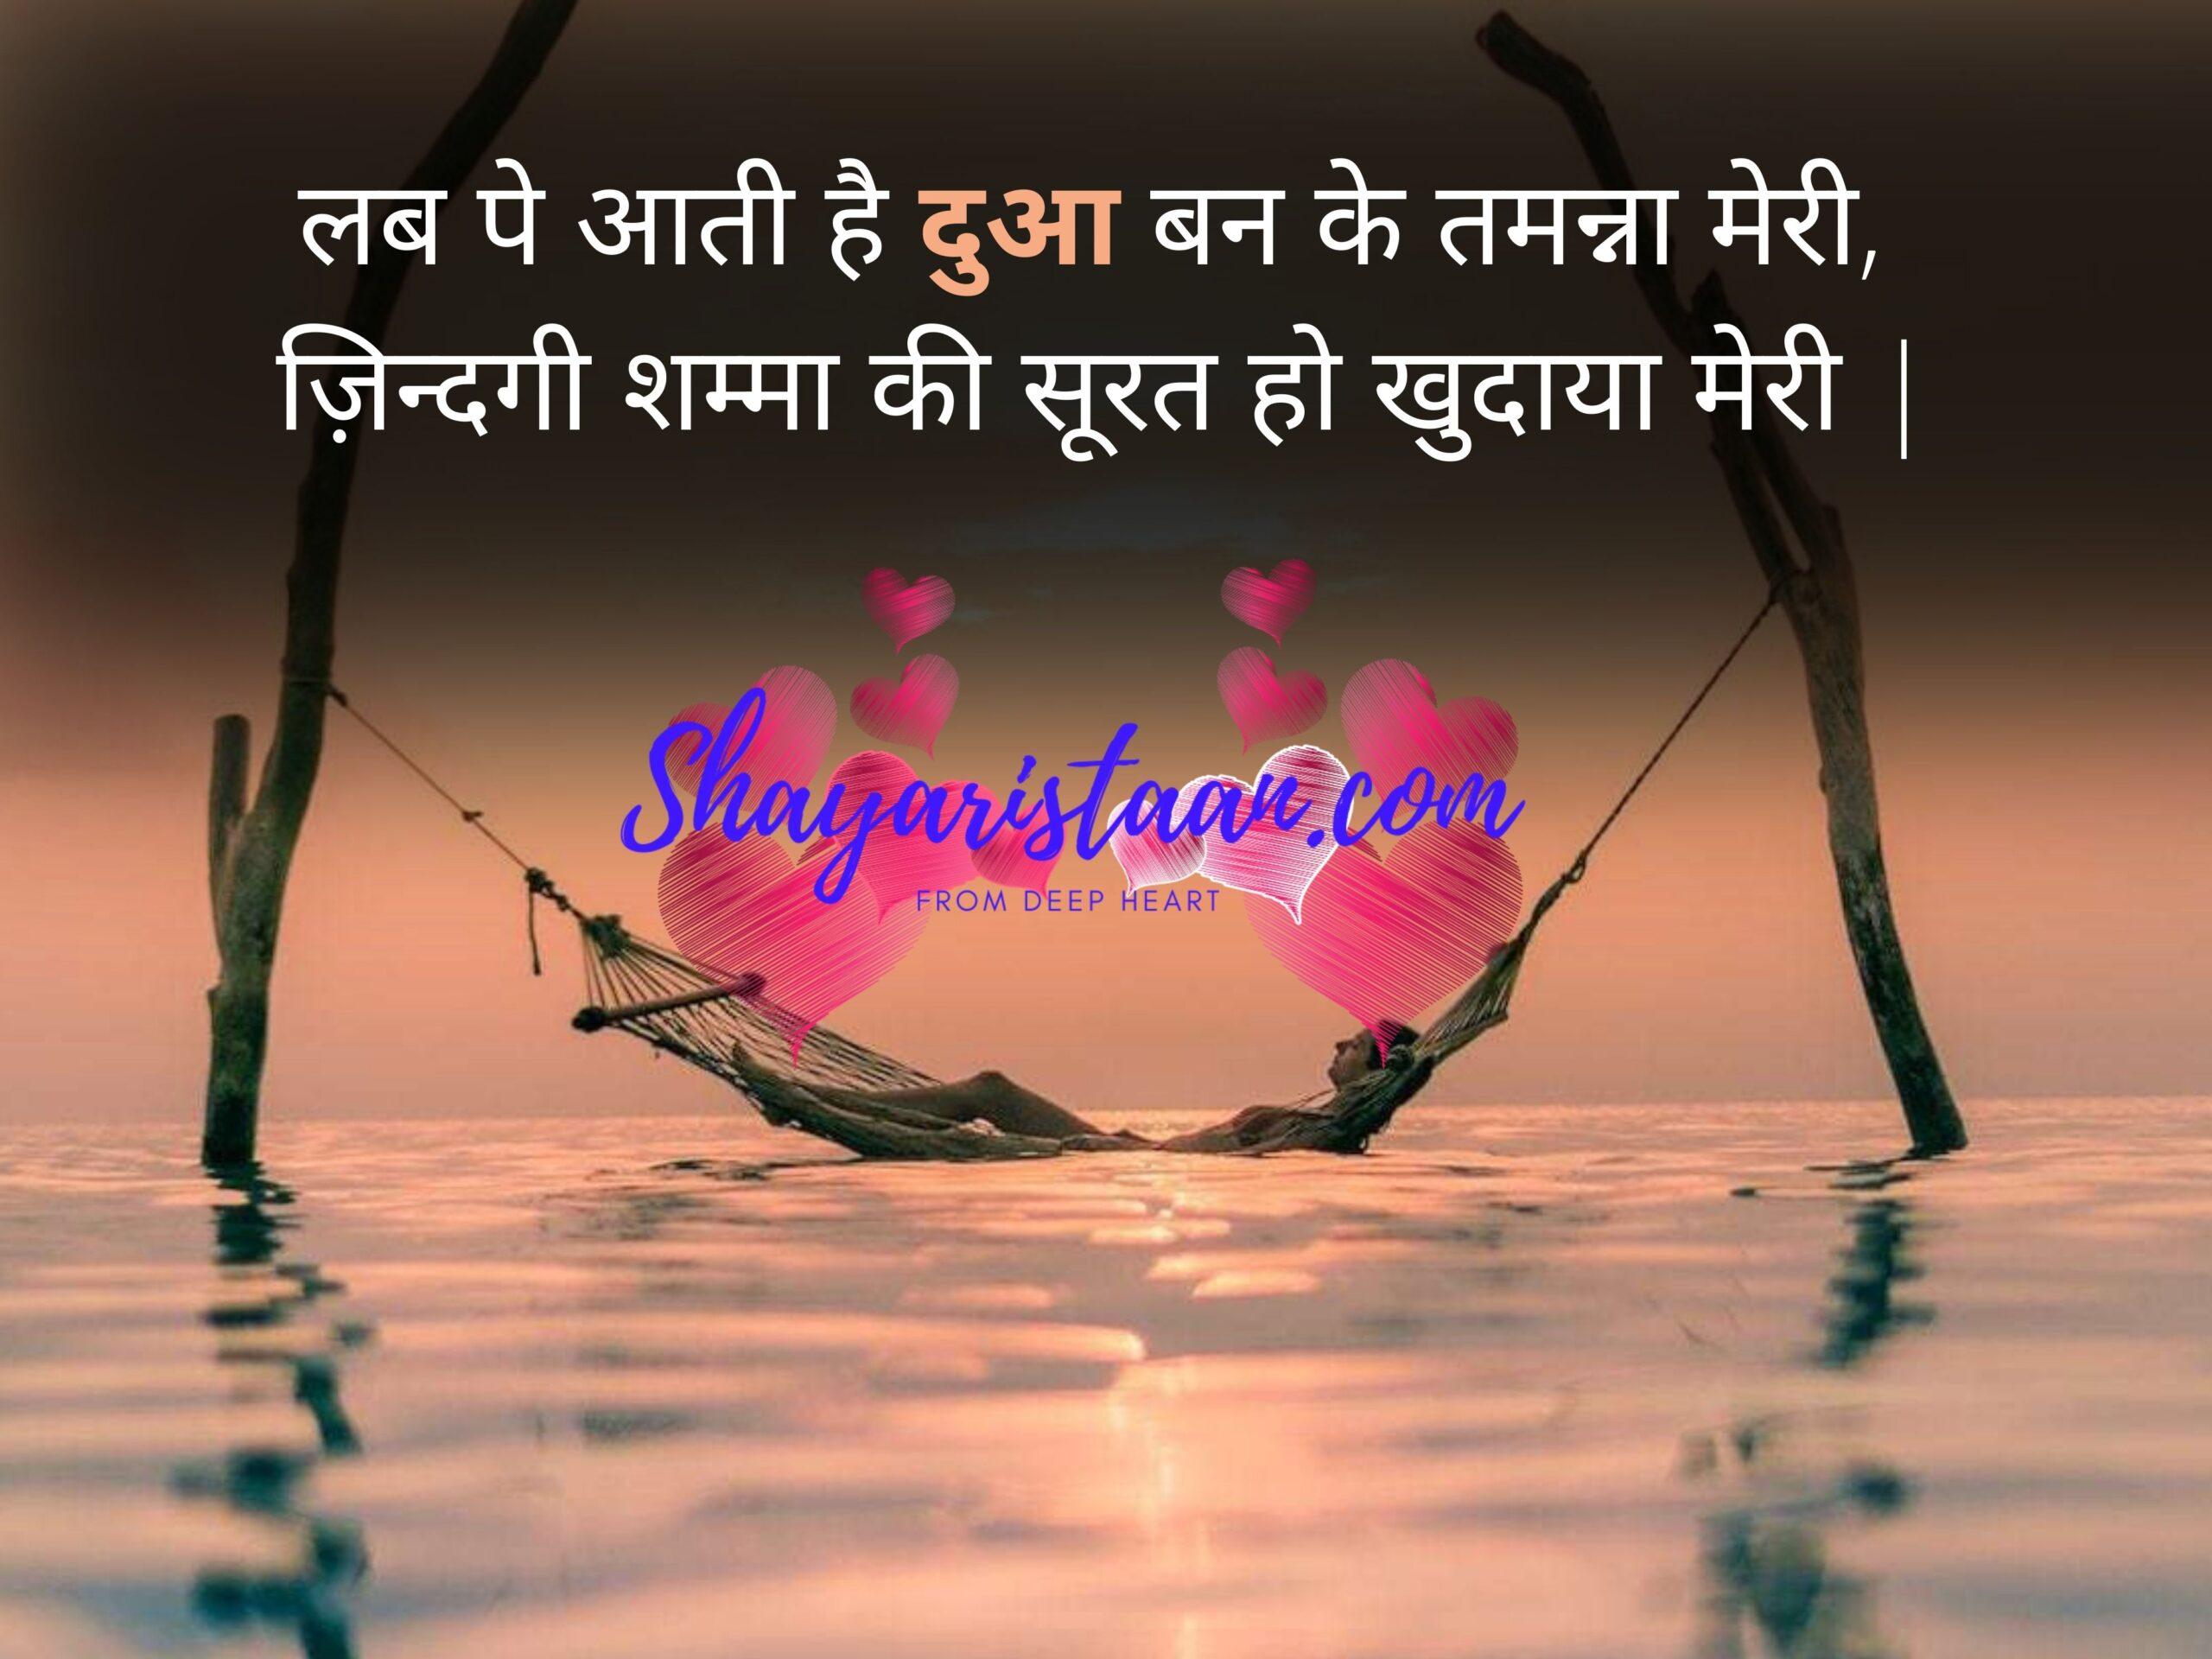 hindi shayari on life   लब पे आती है दुआ बन के तमन्ना मेरी, ज़िन्दगी शम्मा की सूरत हो खुदाया मेरी  